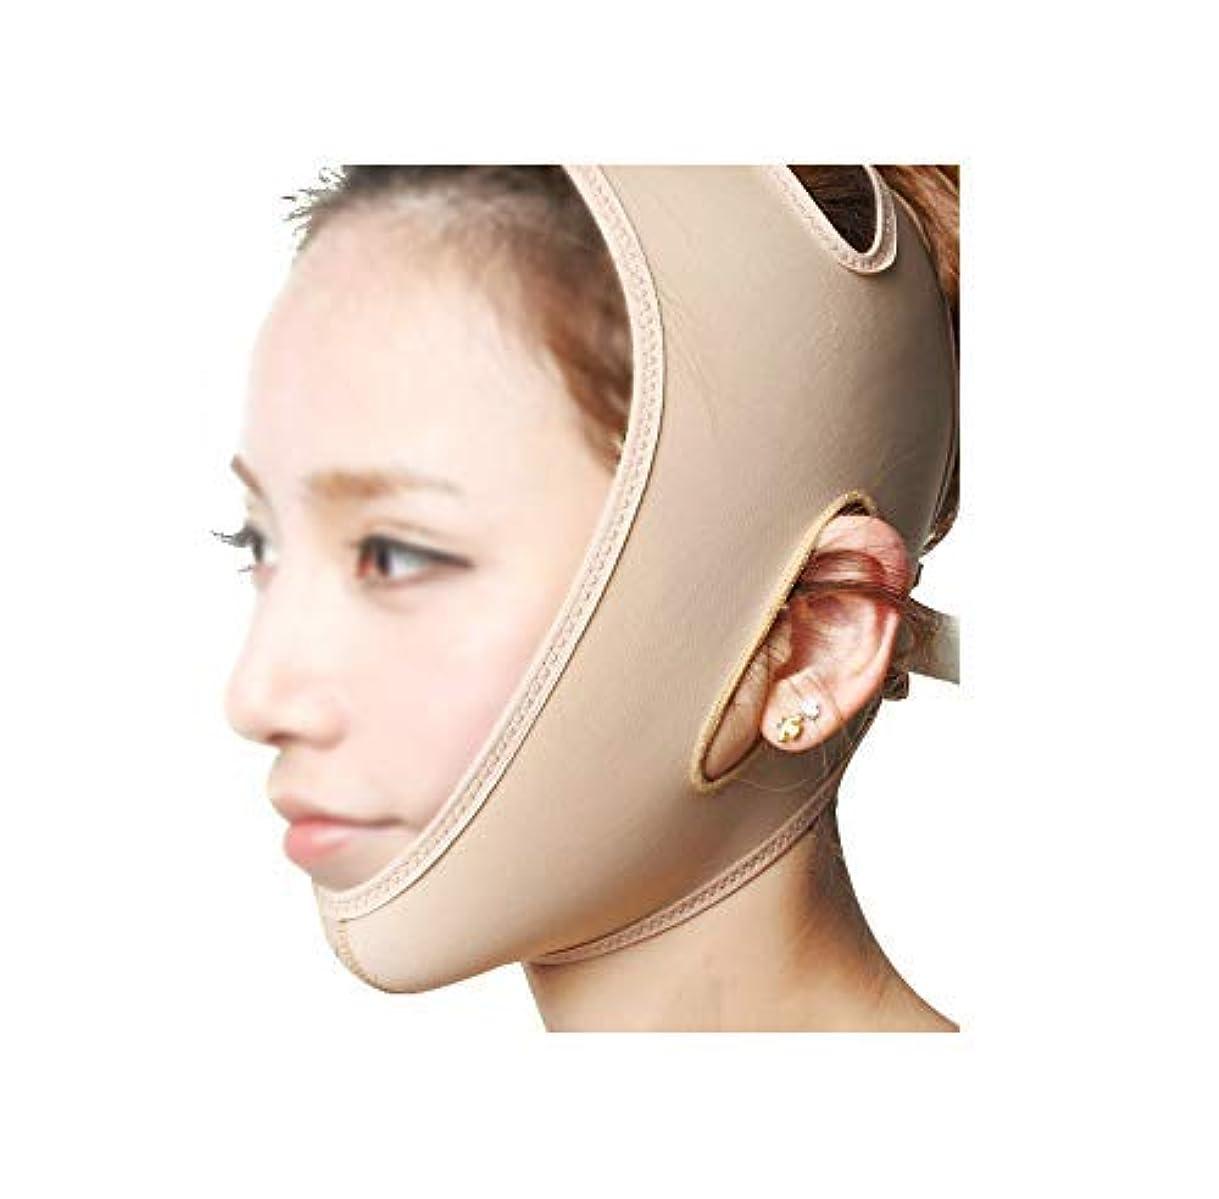 盗難笑い否認するフェイスリフティングバンデージ、フェイスマスク3Dパネルデザイン、通気性に優れたライクラ素材の物理的なVフェイス、美しい顔の輪郭の作成(サイズ:S),S